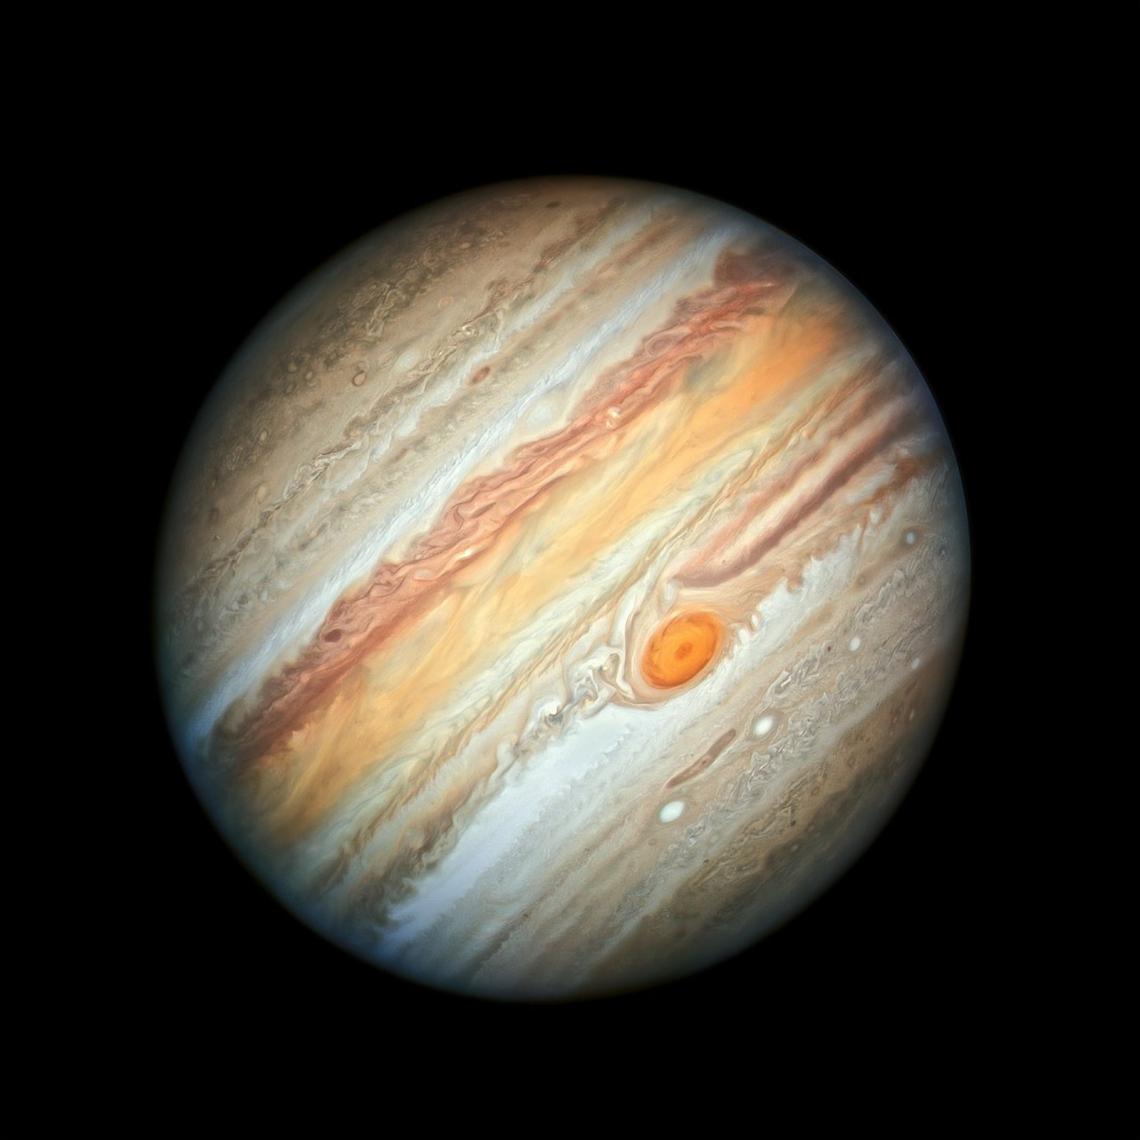 O registro é o mais recente do planeta Júpiter, captado pelo telescópio espacial Hubble, satélite lançado em 1990.